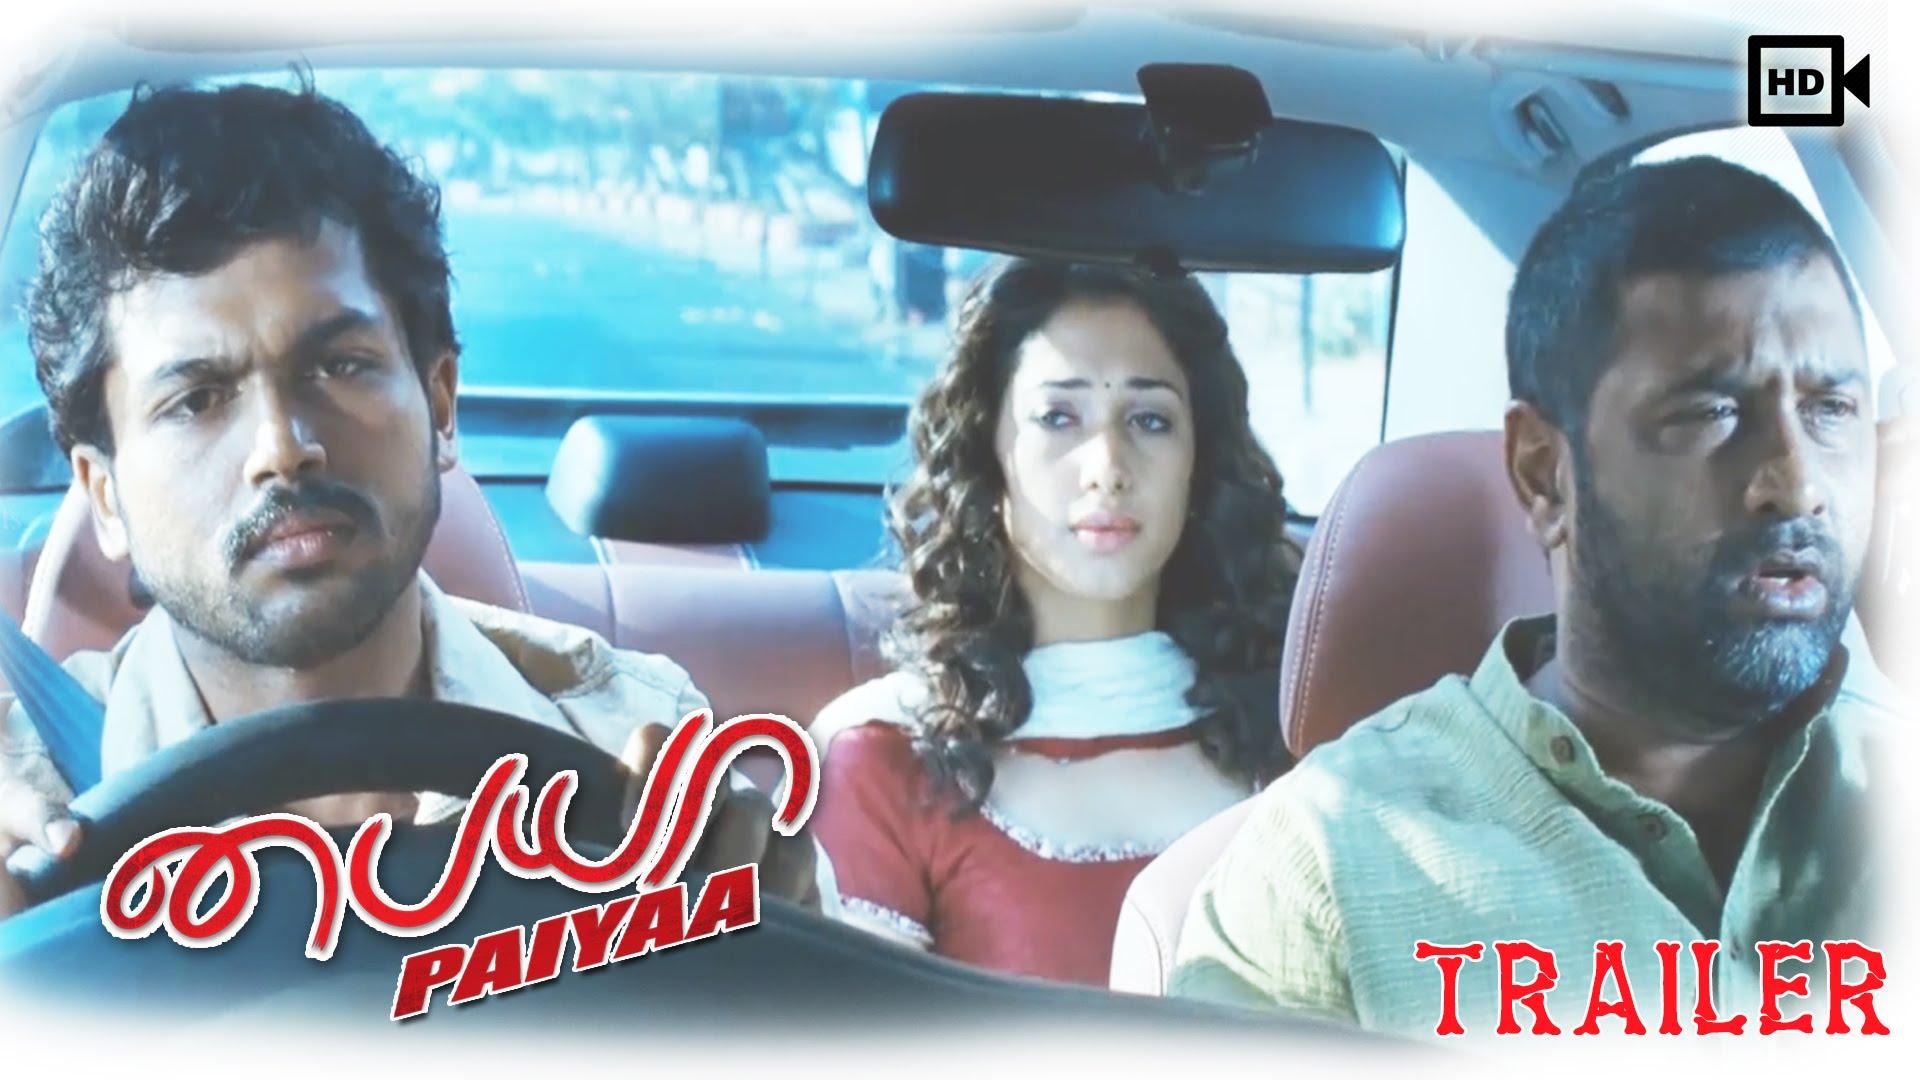 Paiyaa Tamil Movie - Trailer   Karthi, Tamannaah, Jagan   Yuvan Shankar Raja   HD 1080p